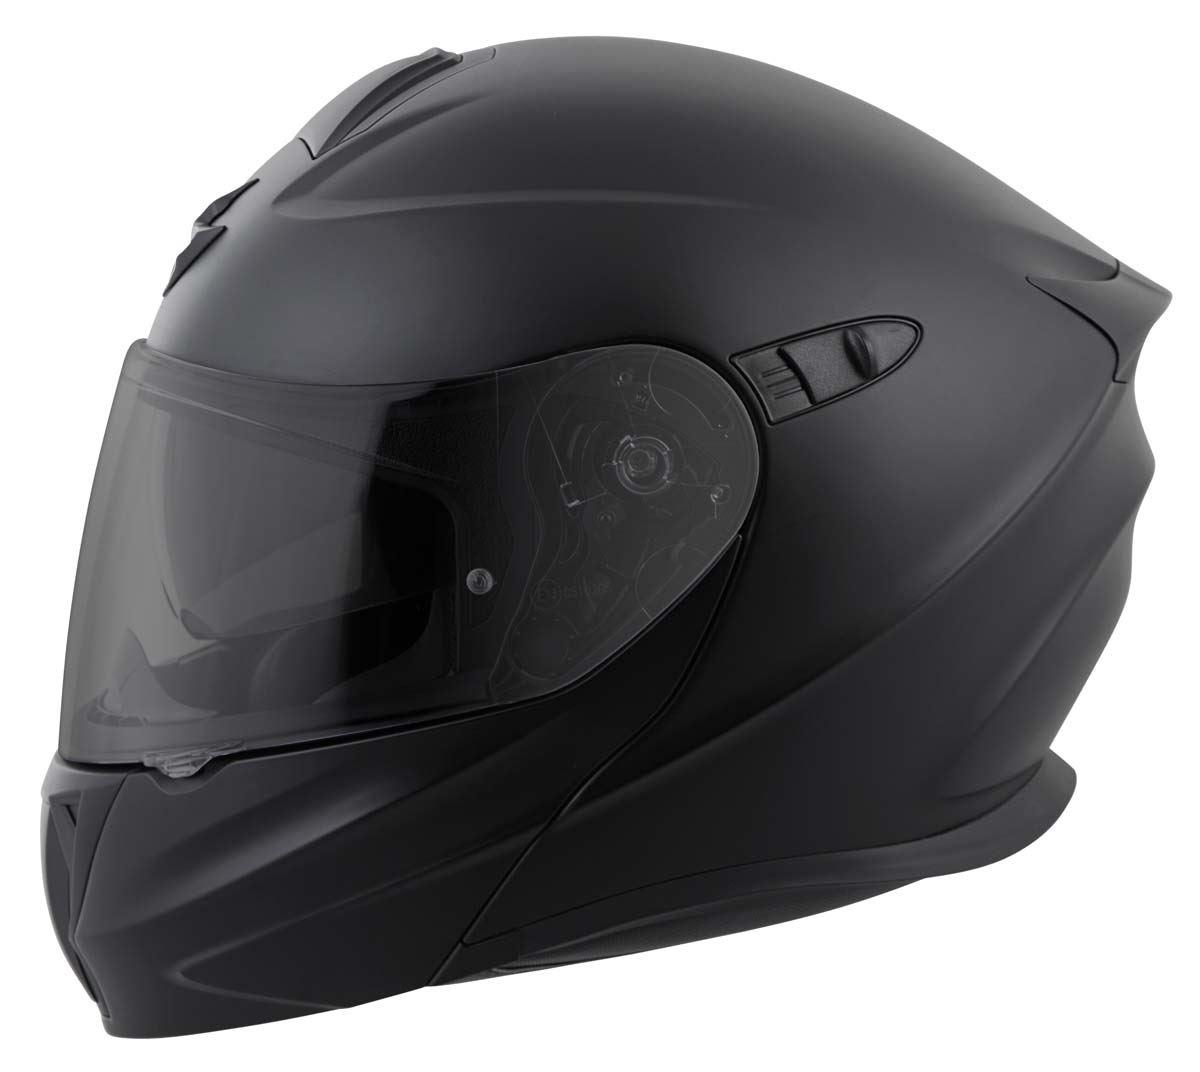 Scorpion-EXO-GT920-Helmet-Sport-Touring-Modular-Flip-Up-DOT-Approved-XS-3XL miniature 3